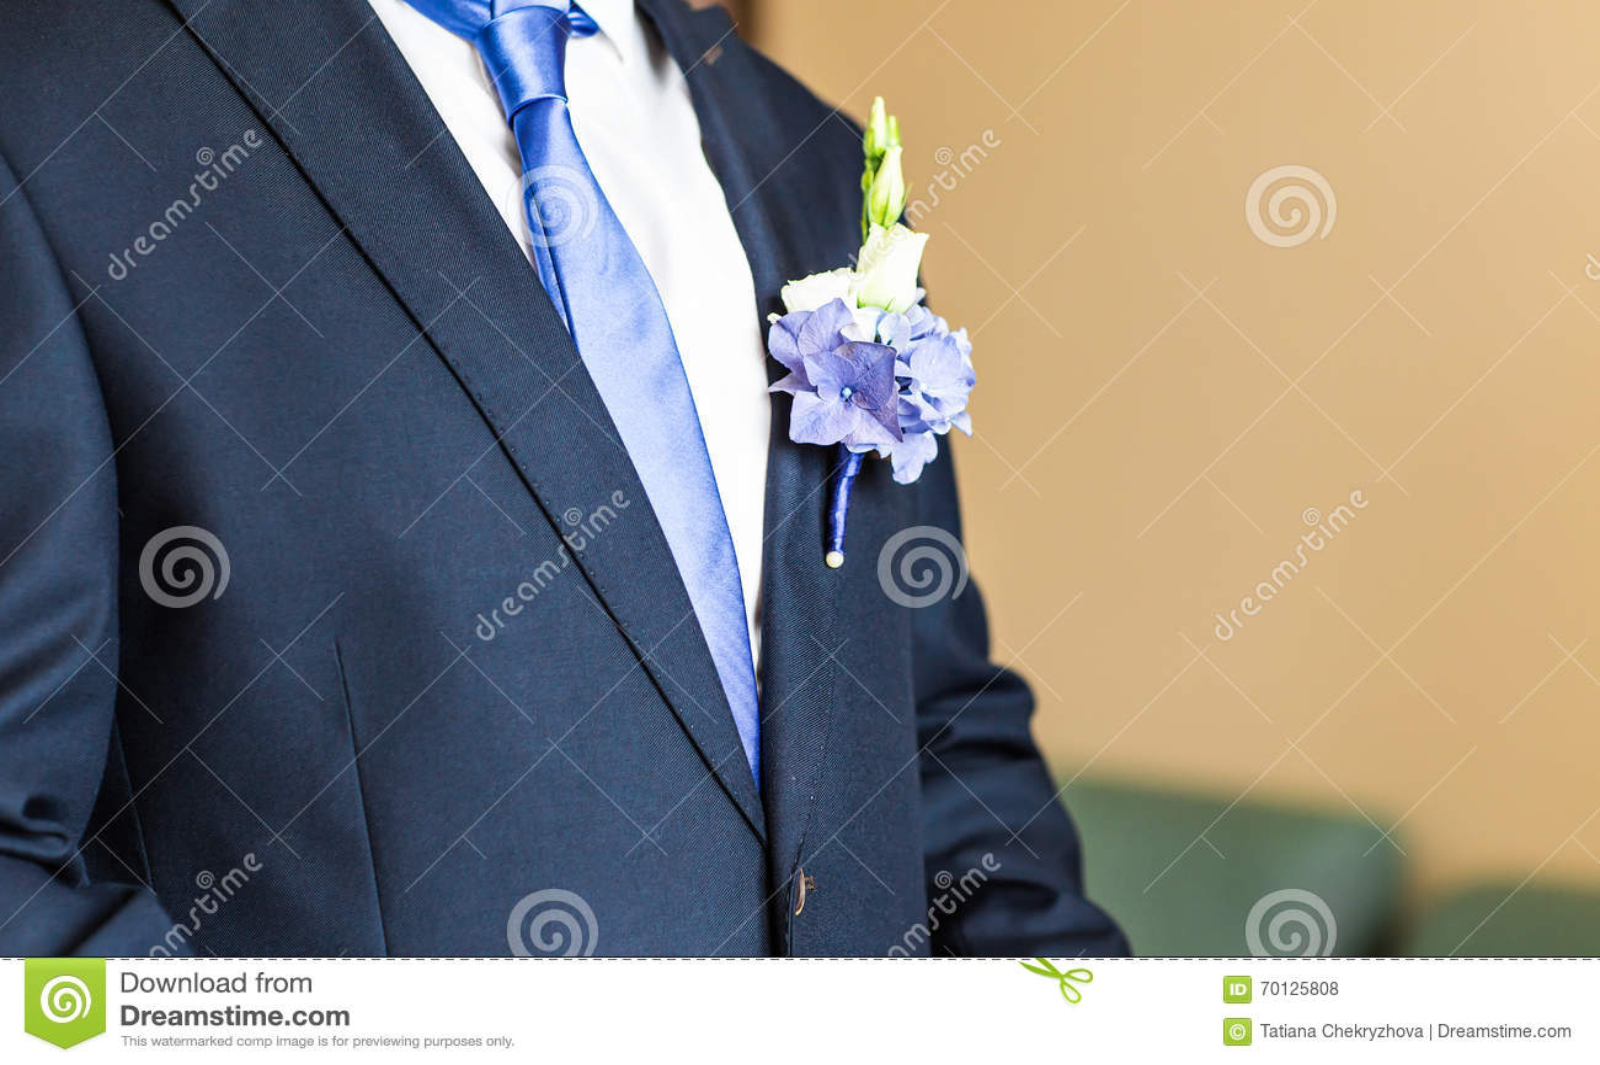 Prachtig huwelijk boutonniere op een kostuum van bruidegomclose-up